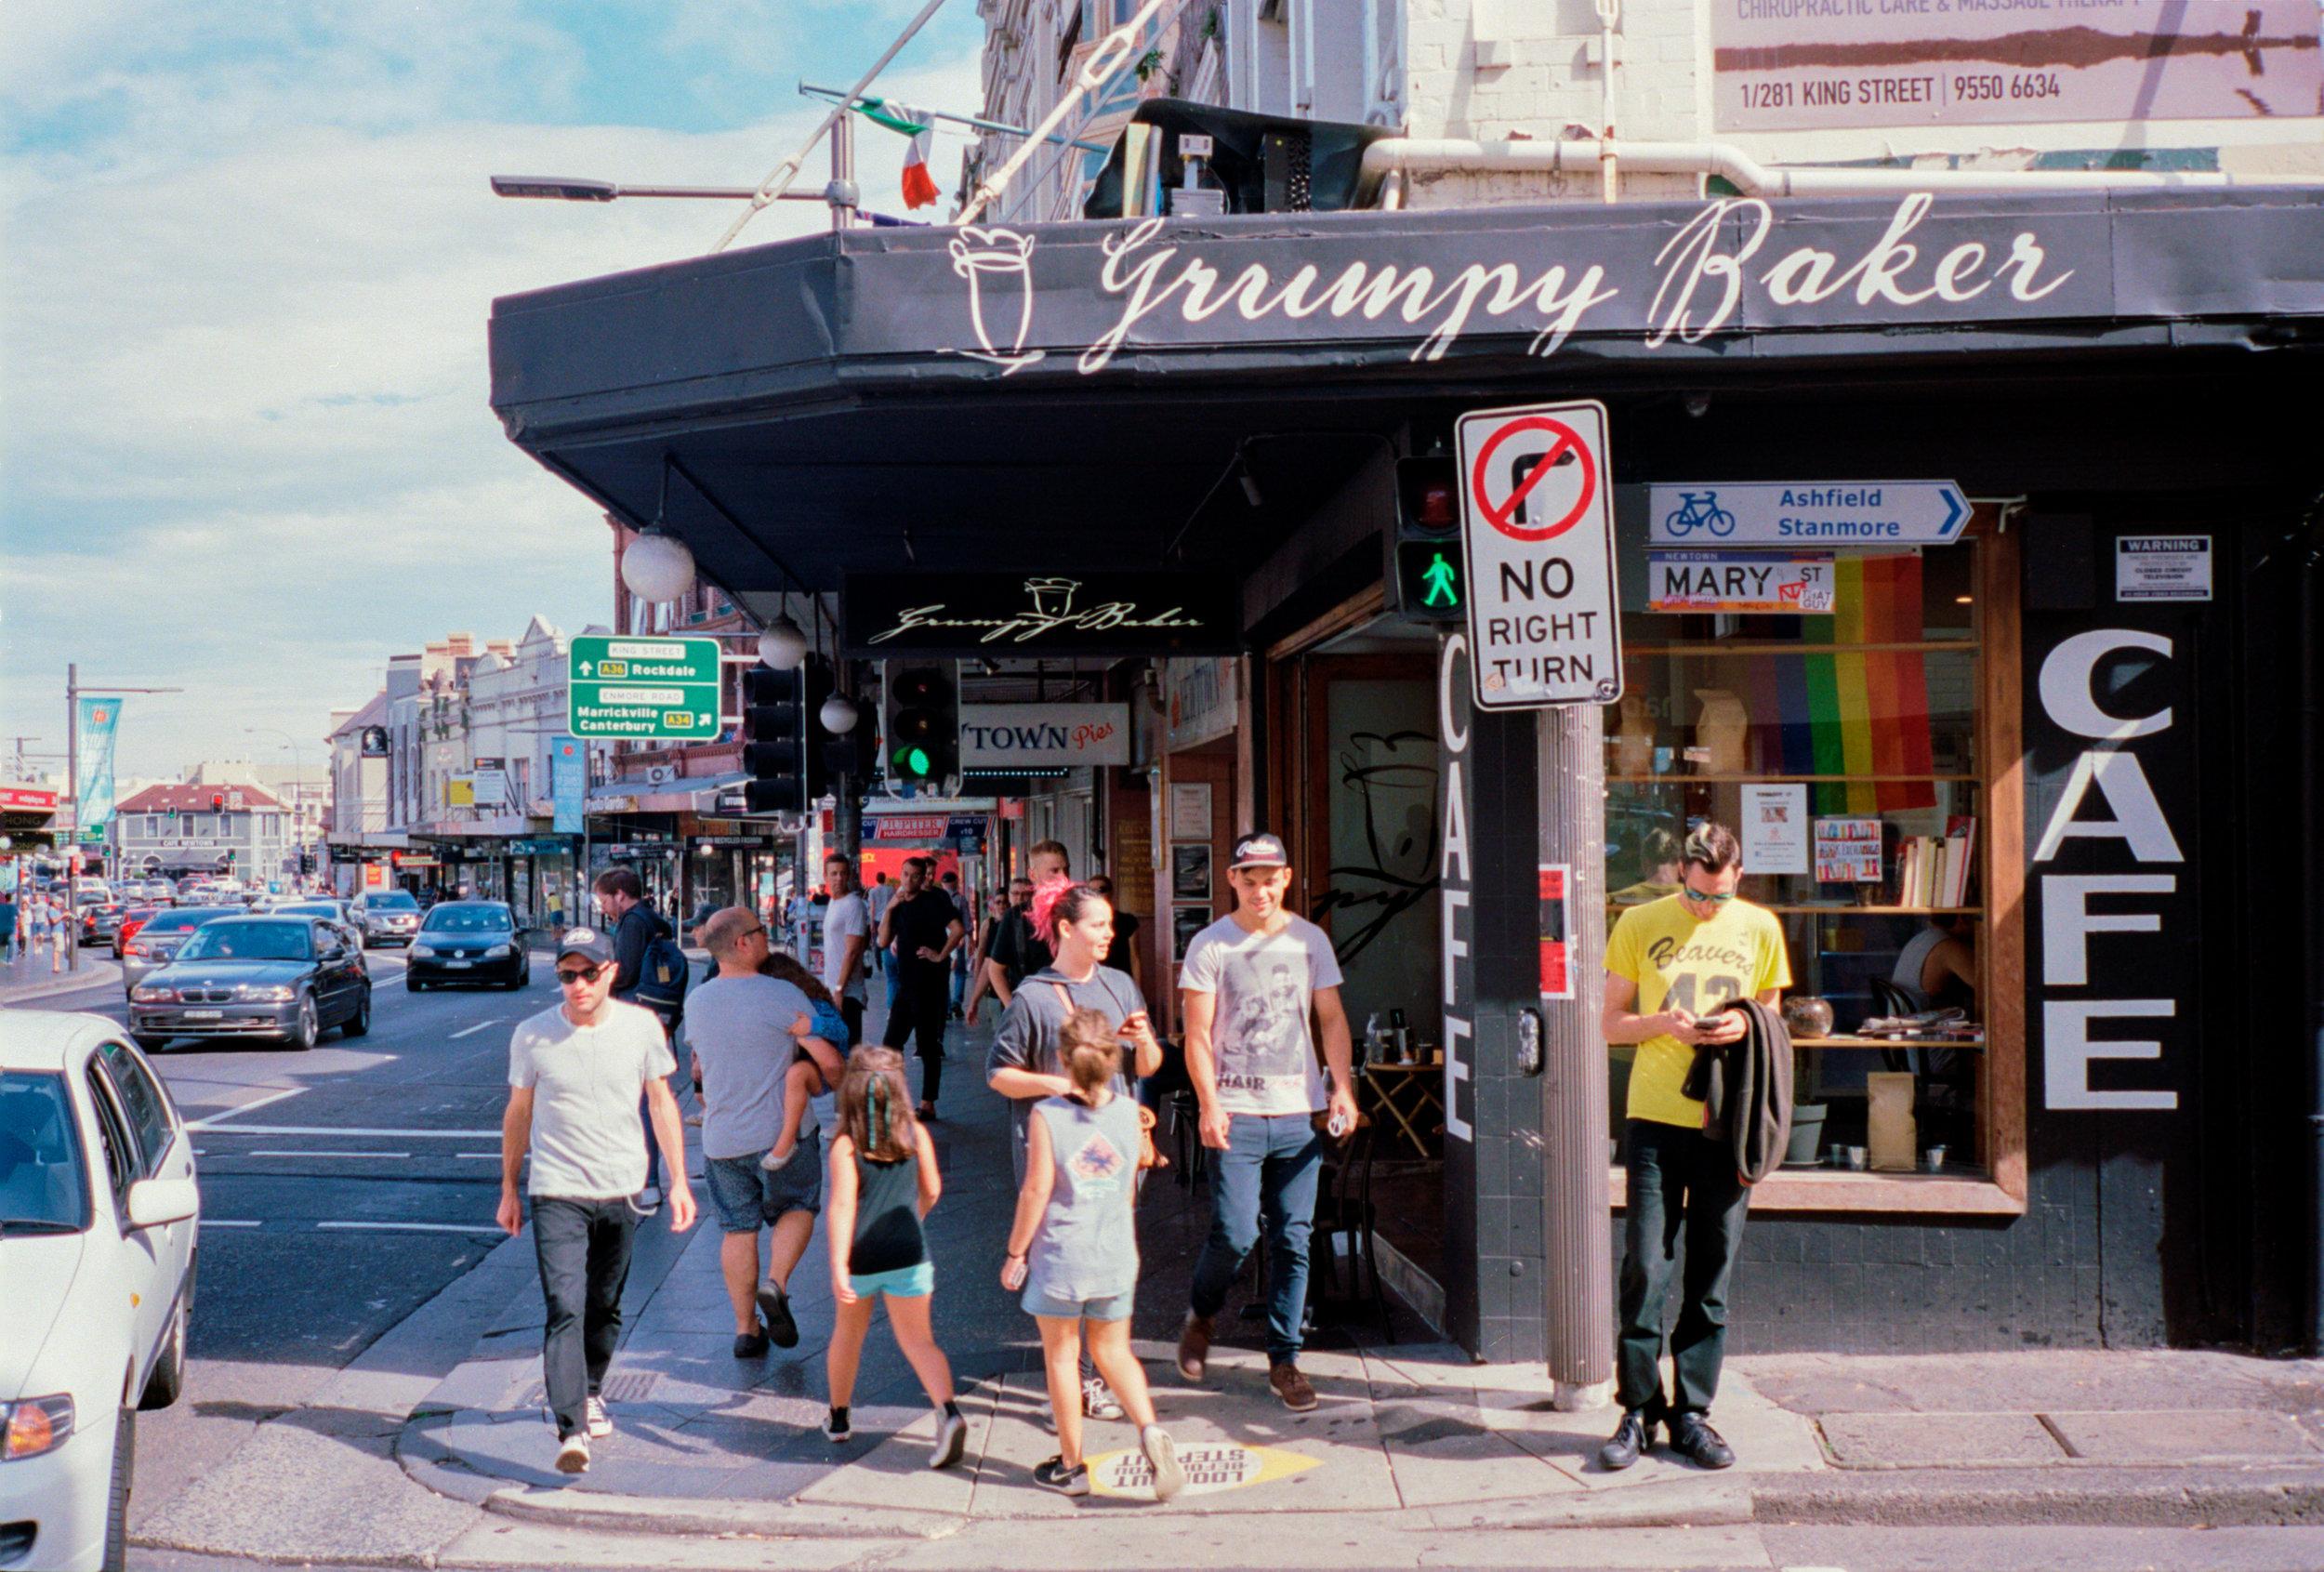 Newtown, Australia - Ulysses Aoki